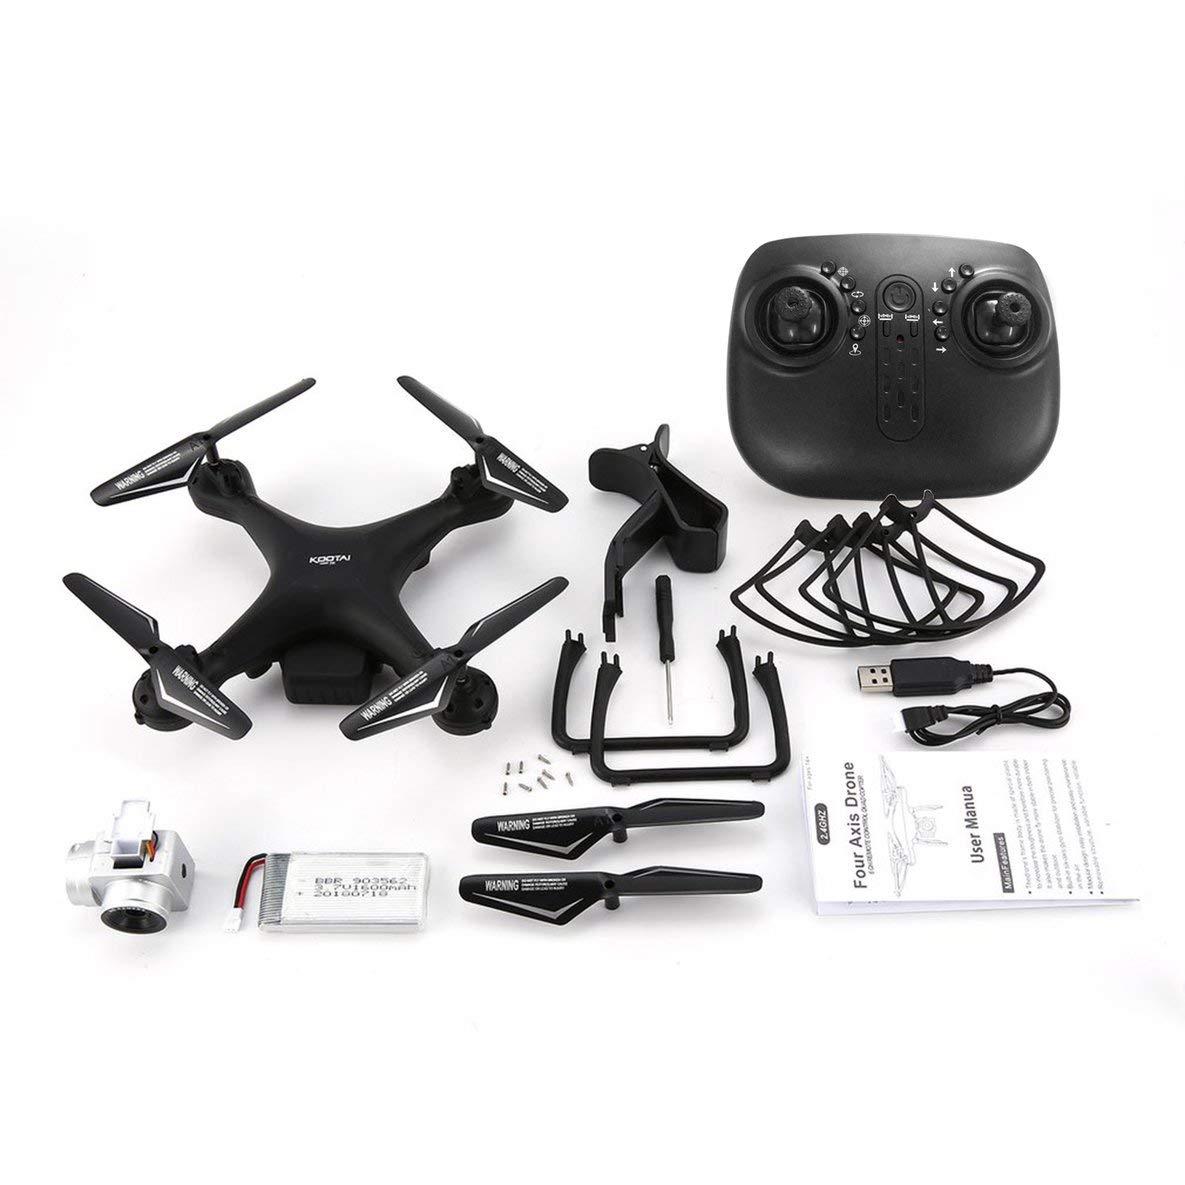 El ultimo 2018 KOOTAI X180 X180 X180 2.4G FPV RC Quadcopter Drone UAV con 0.3MP Altitud de cámara Mantener Modo sin Cabeza 3D-Flip 18mins Vuelo Largo  precios ultra bajos